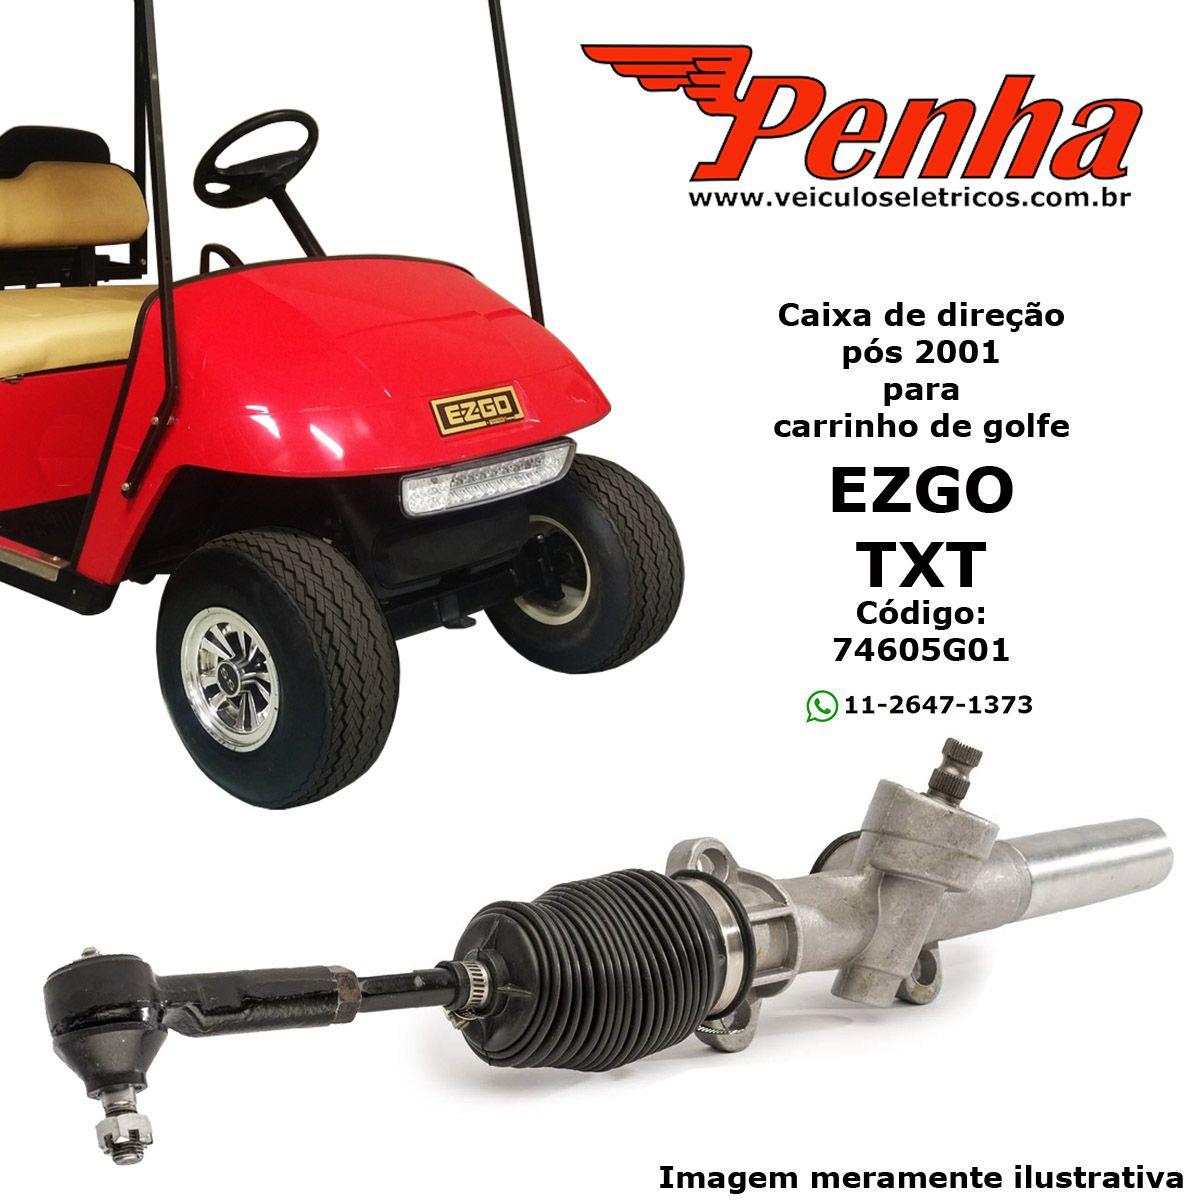 Caixa de direção para carrinho de golfe EZ-GO TXT pós 2001